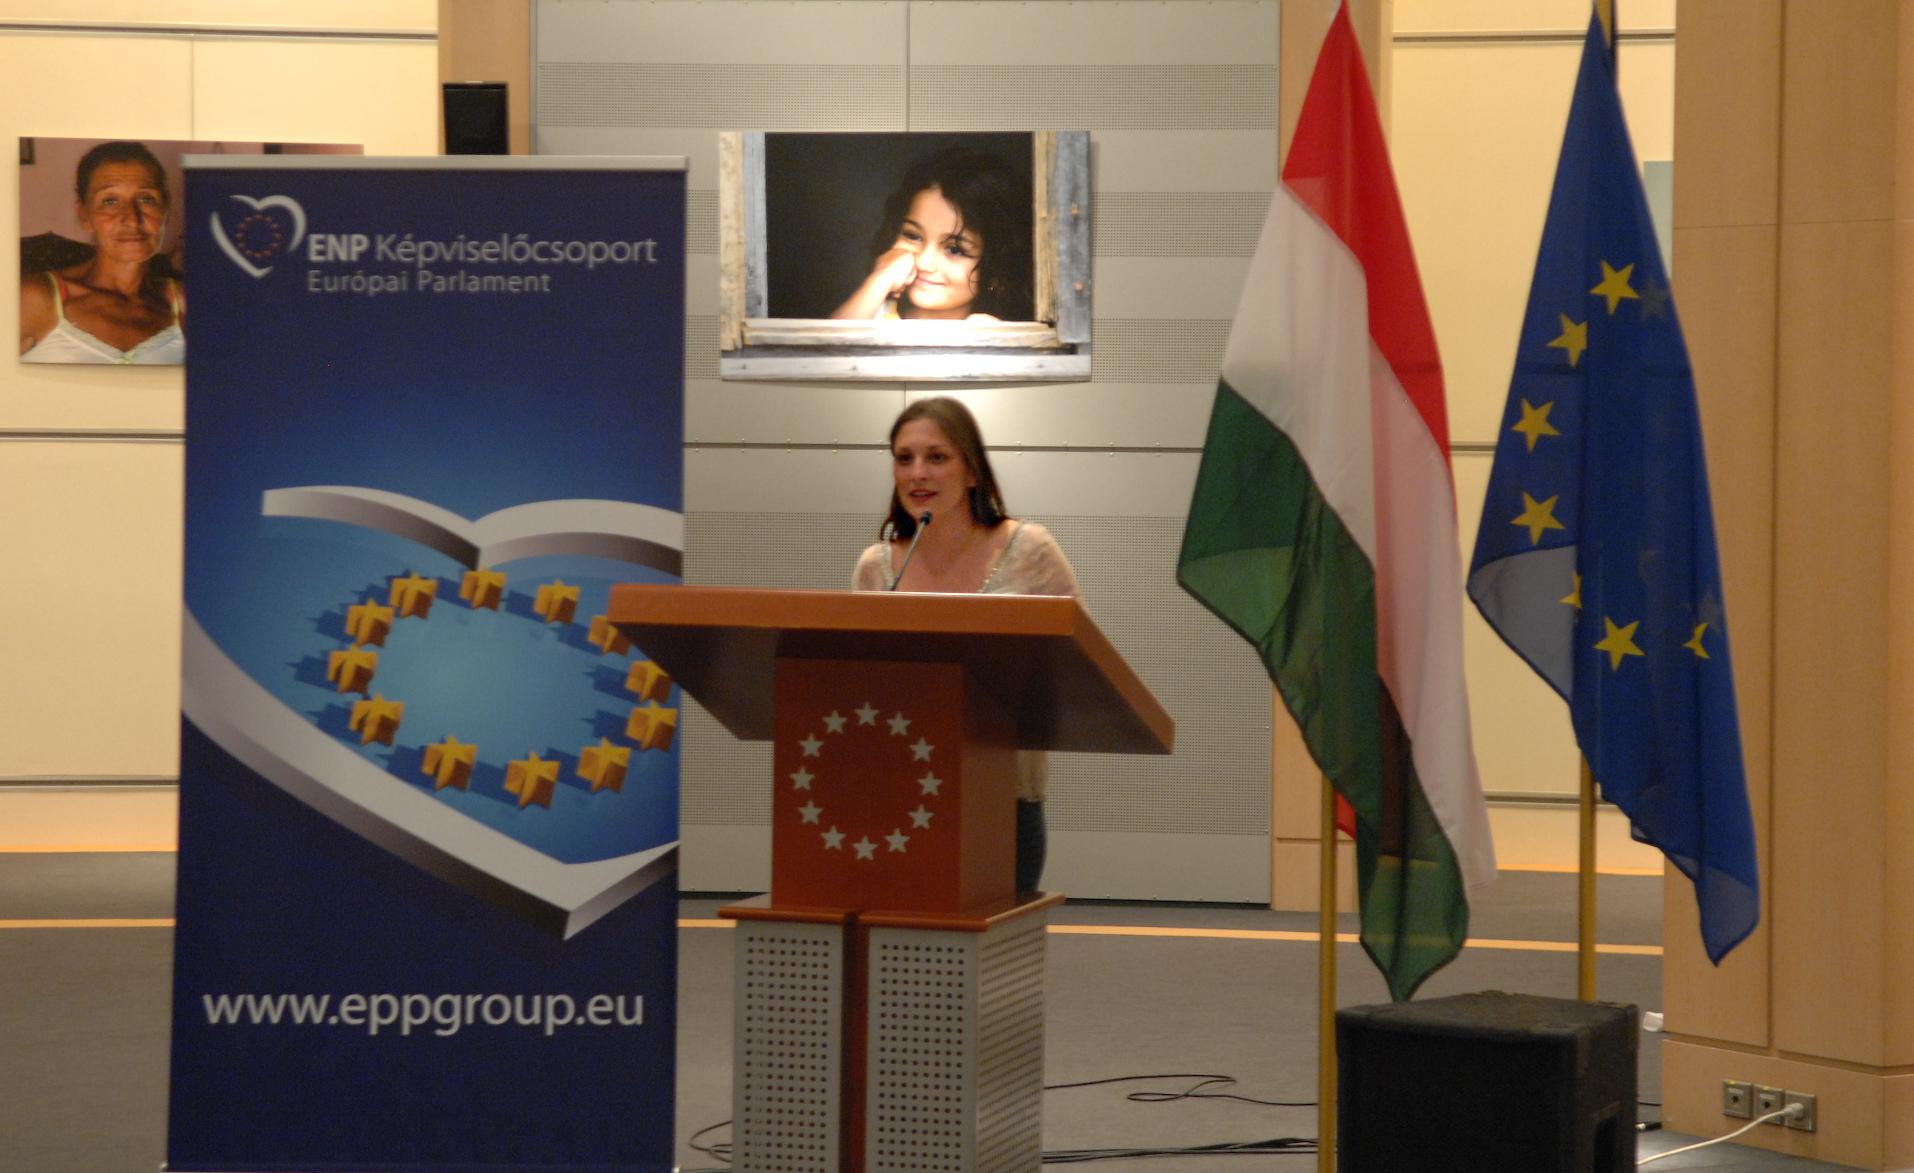 MEP Lívia Járóka Opening remarks